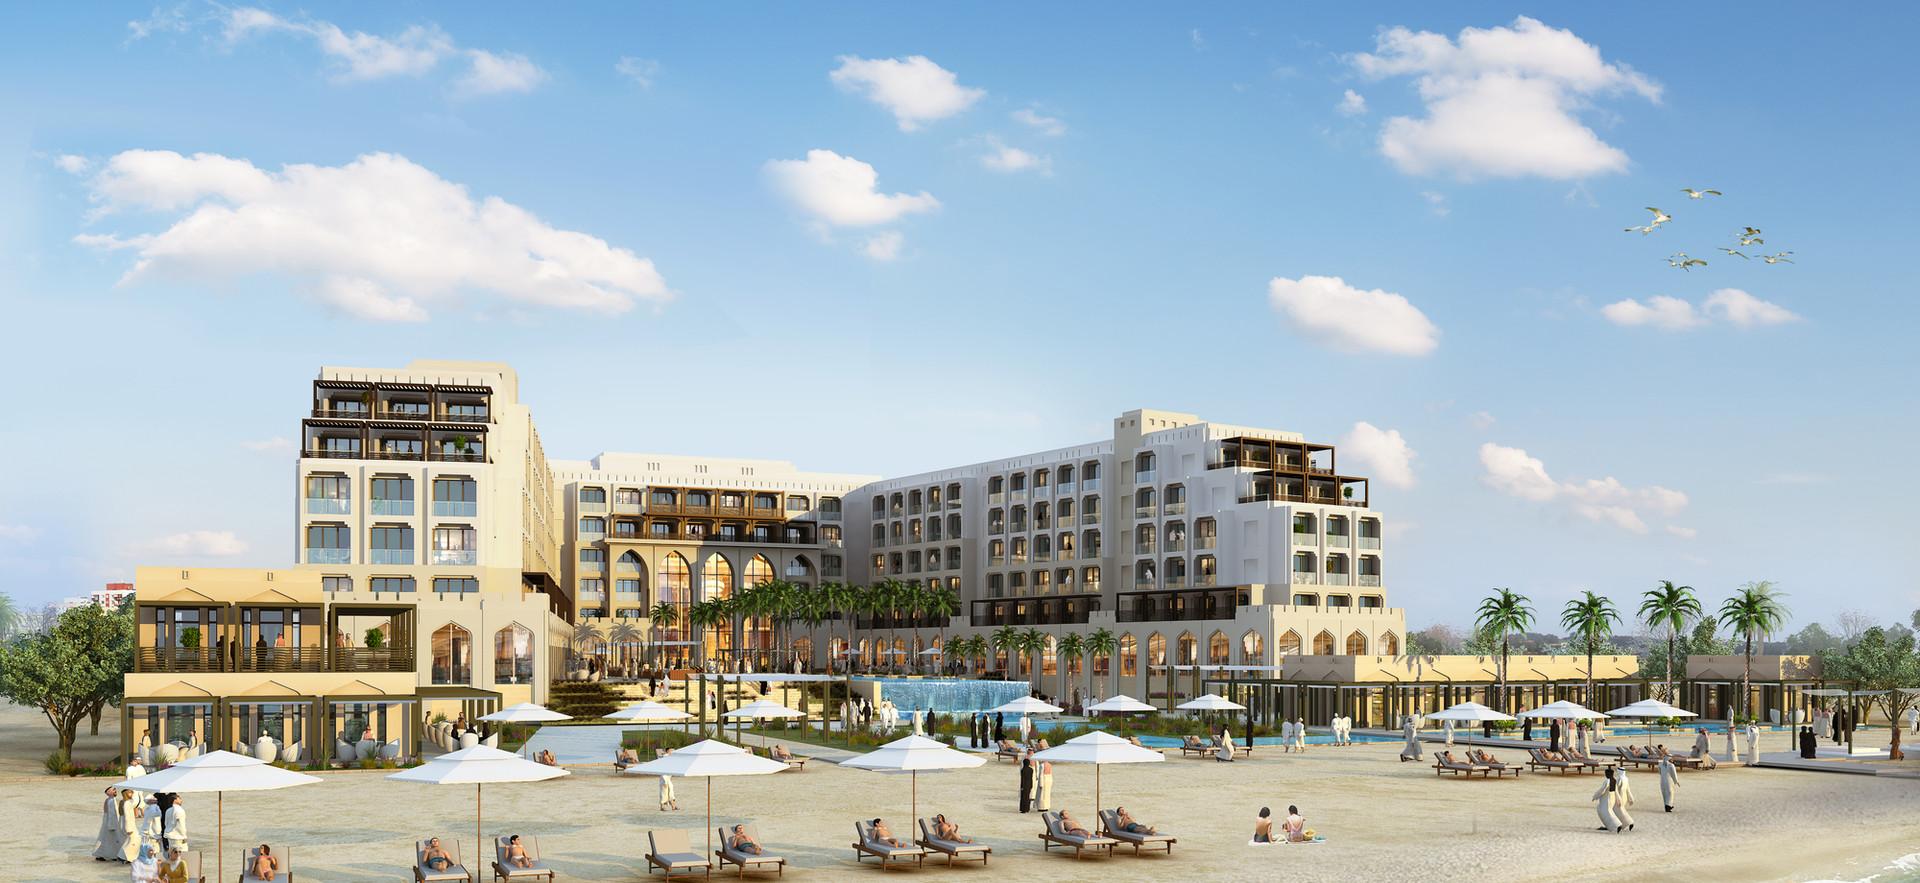 Mixed Use Development, Muscat, Oman